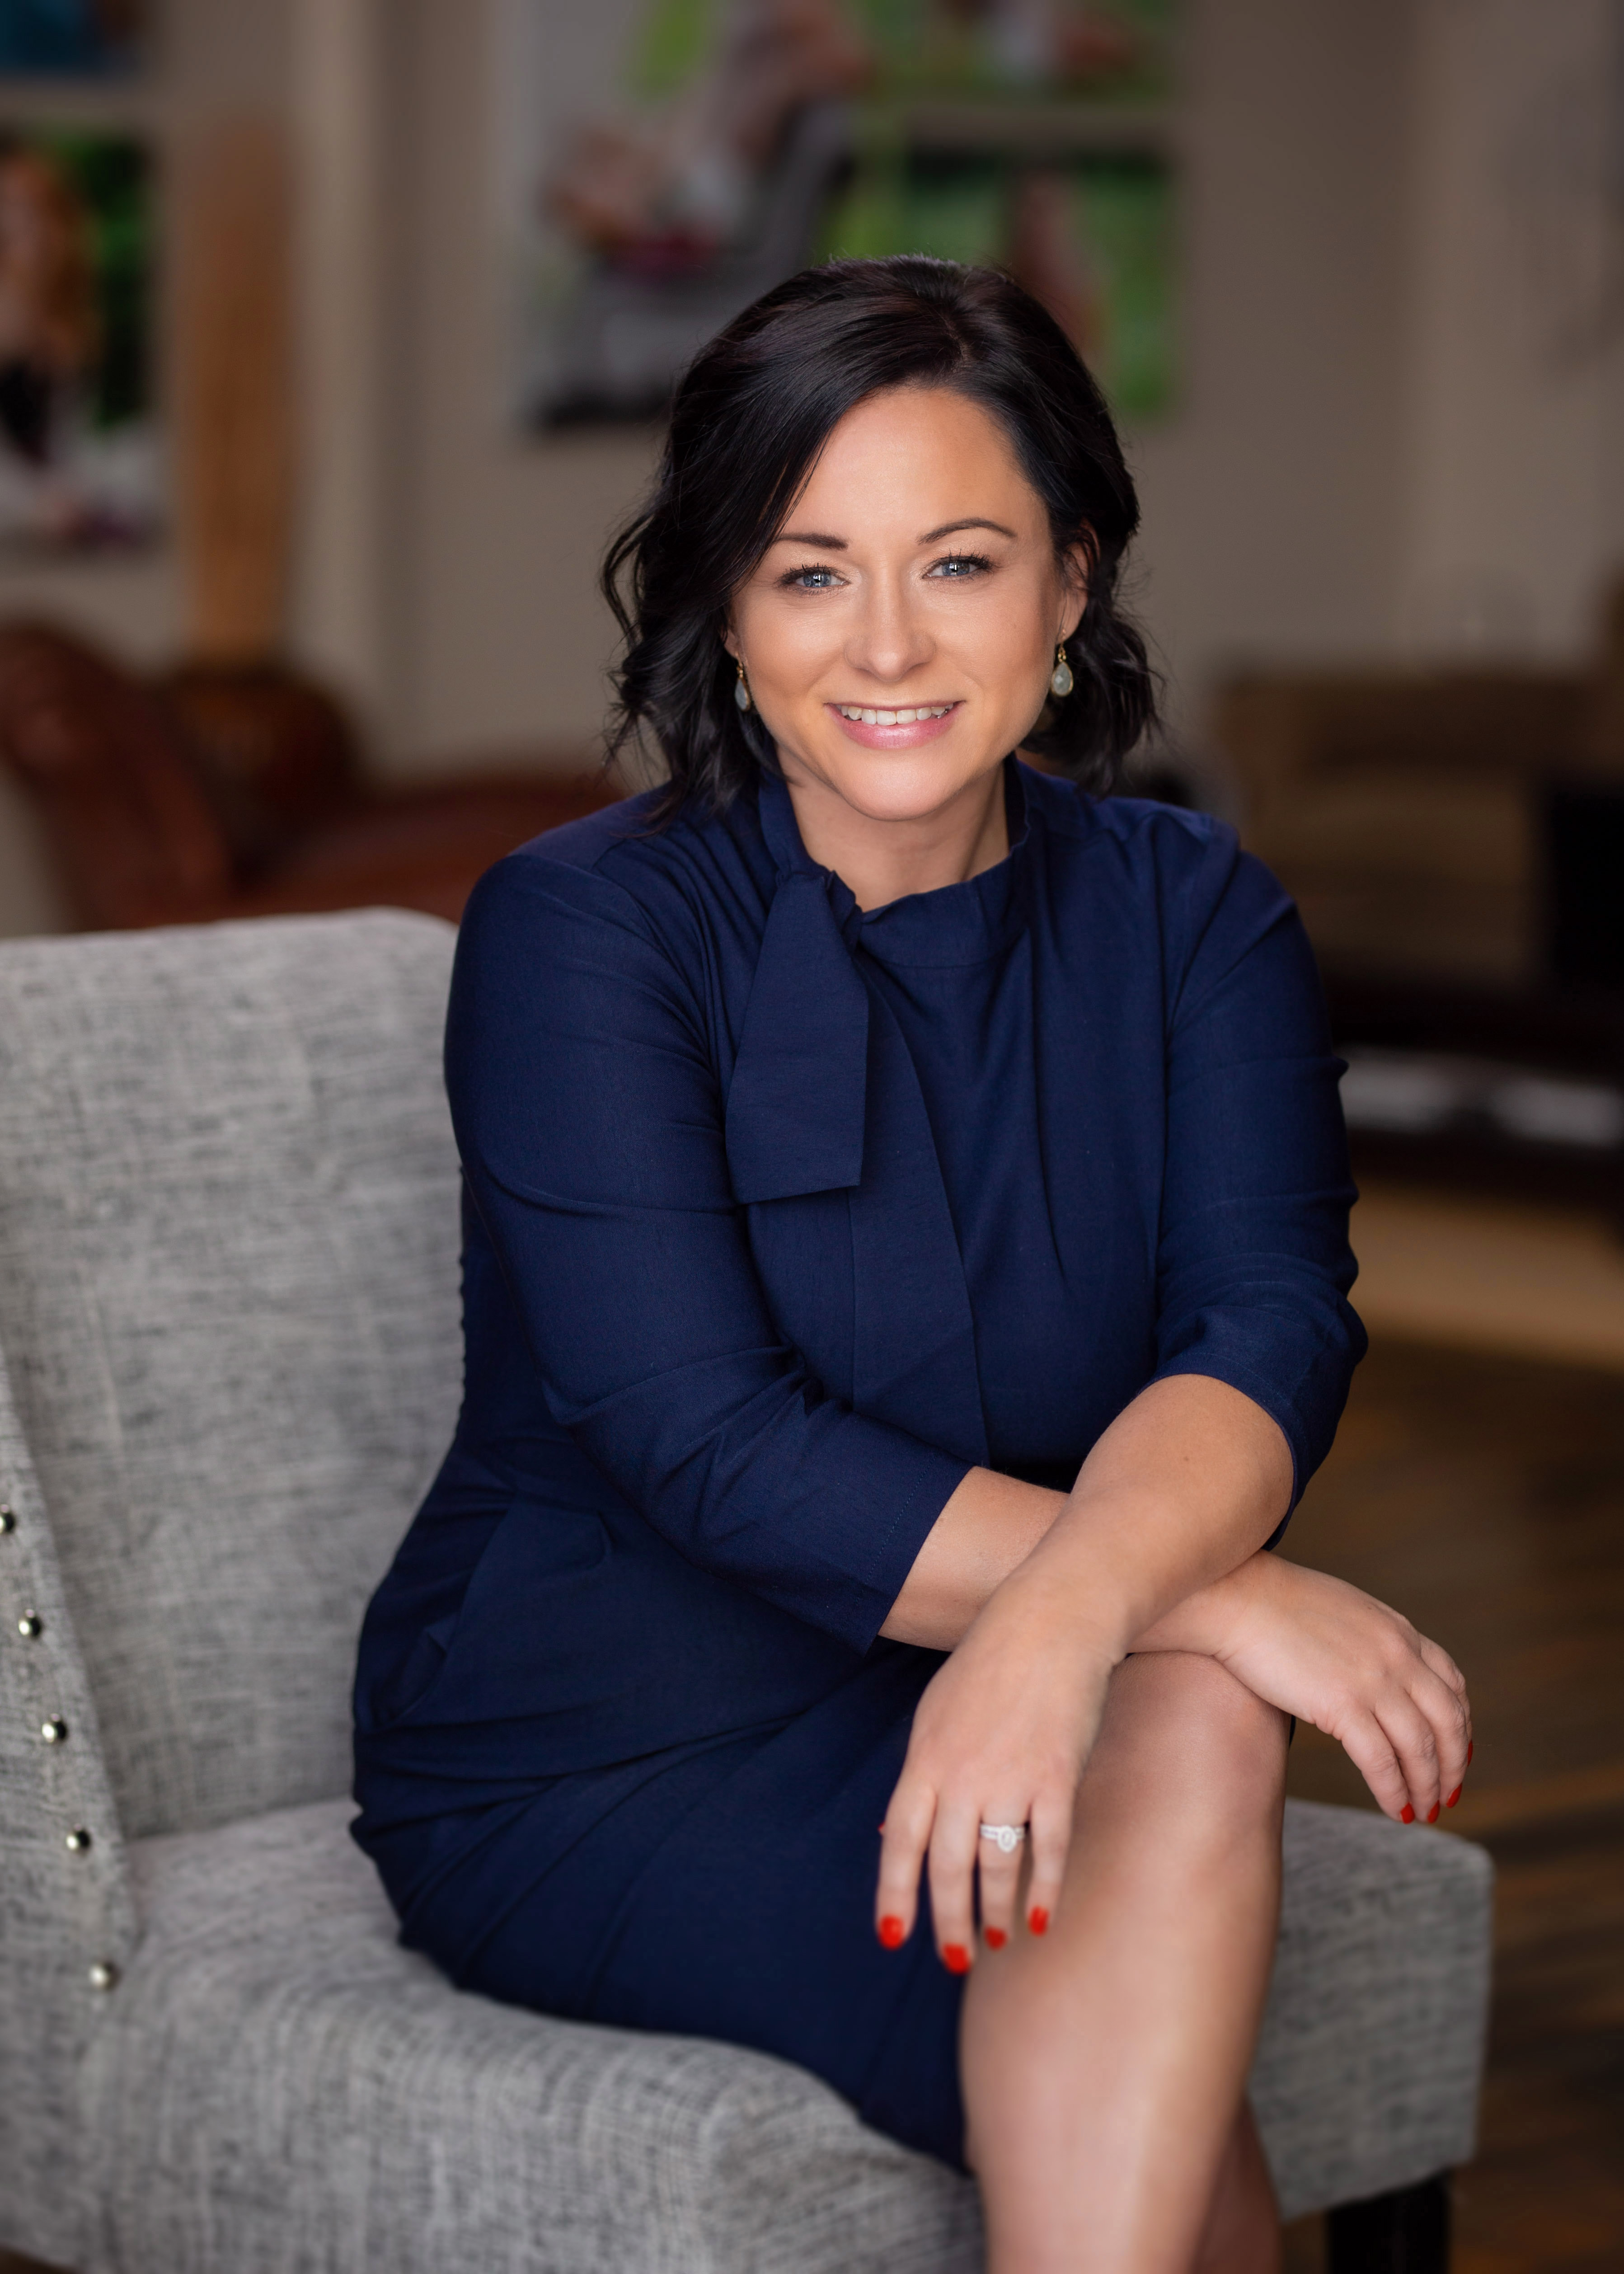 Kathleen Brenner - Western Massachusetts REALTOR®